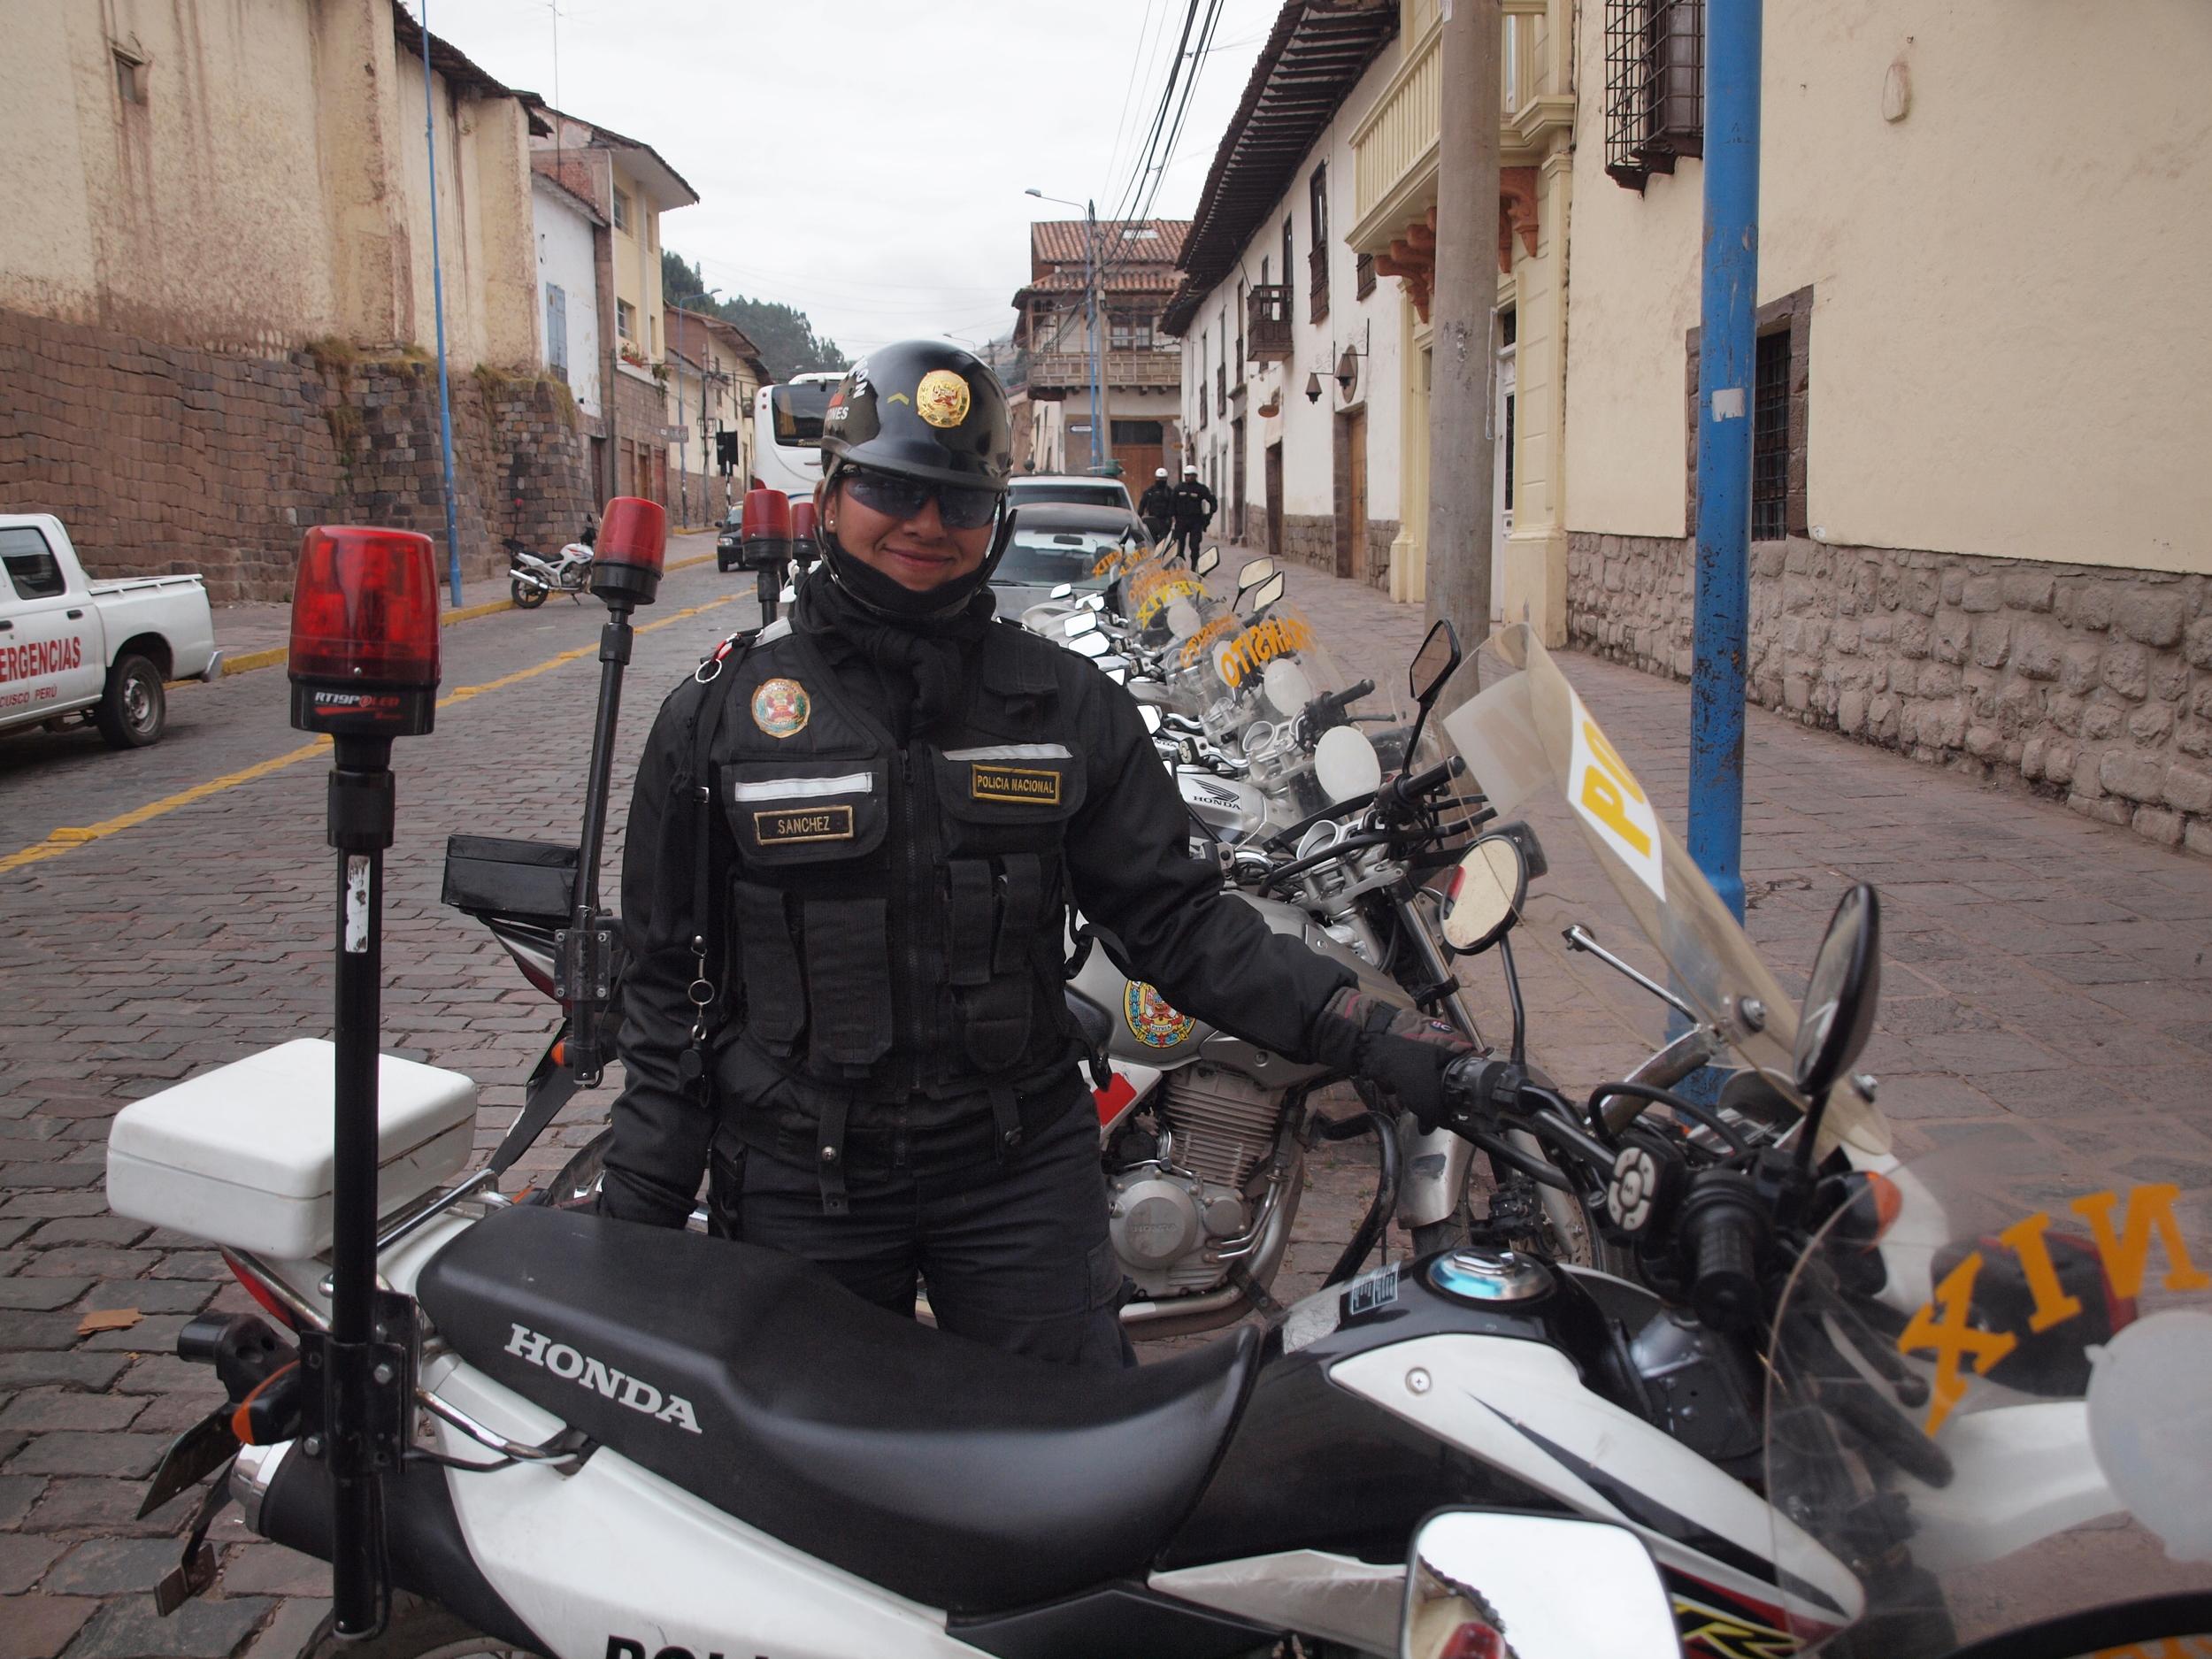 Cuzco police